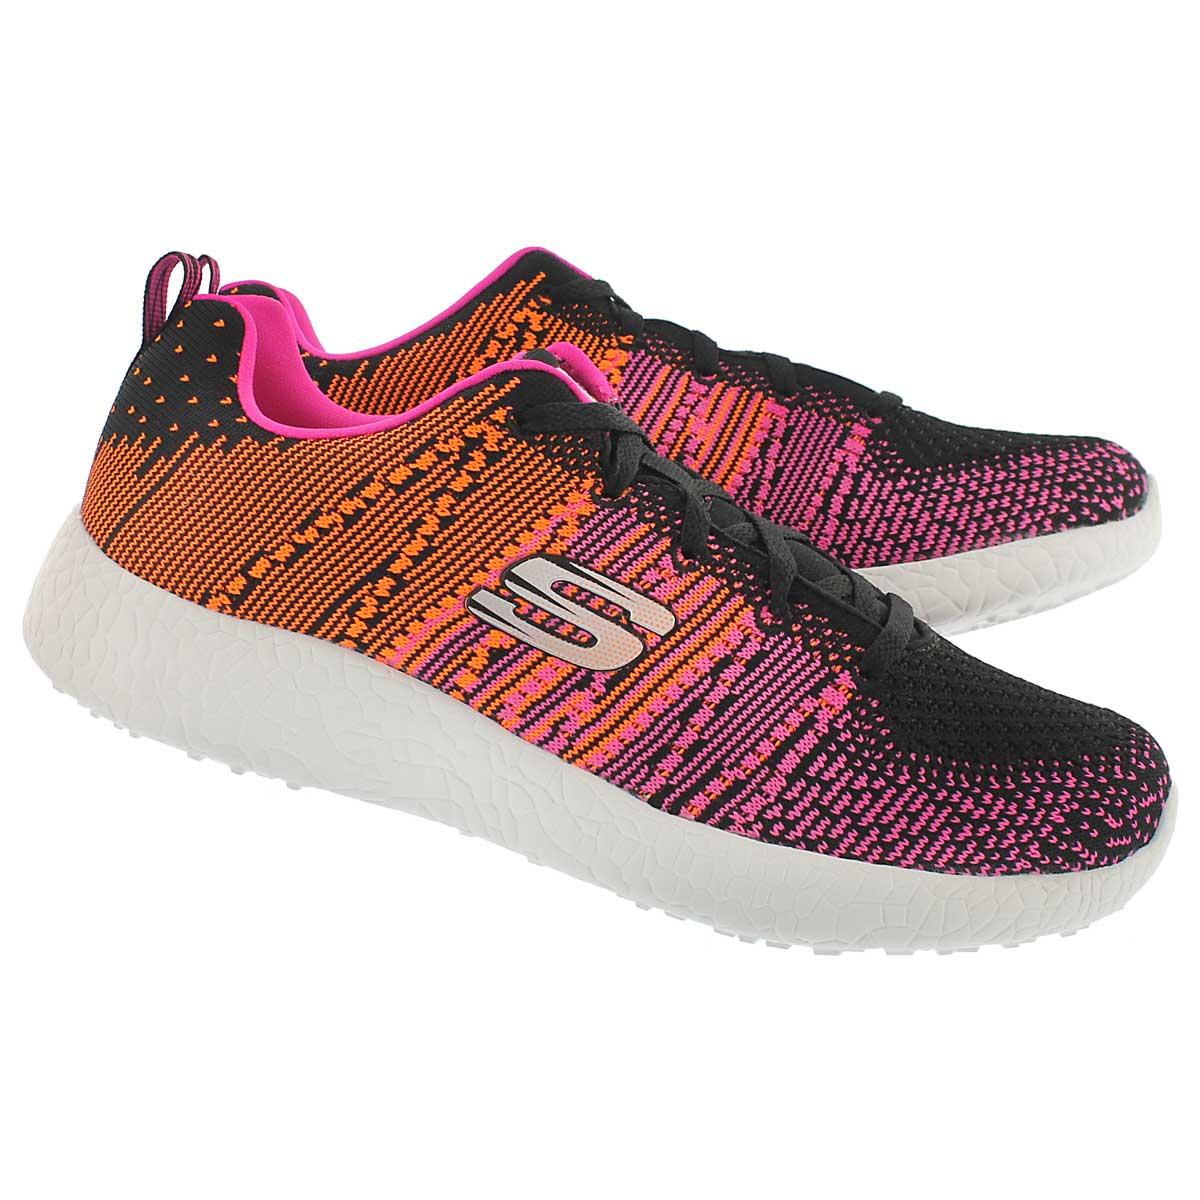 Lds Ellipse blk/pnk lace up running shoe